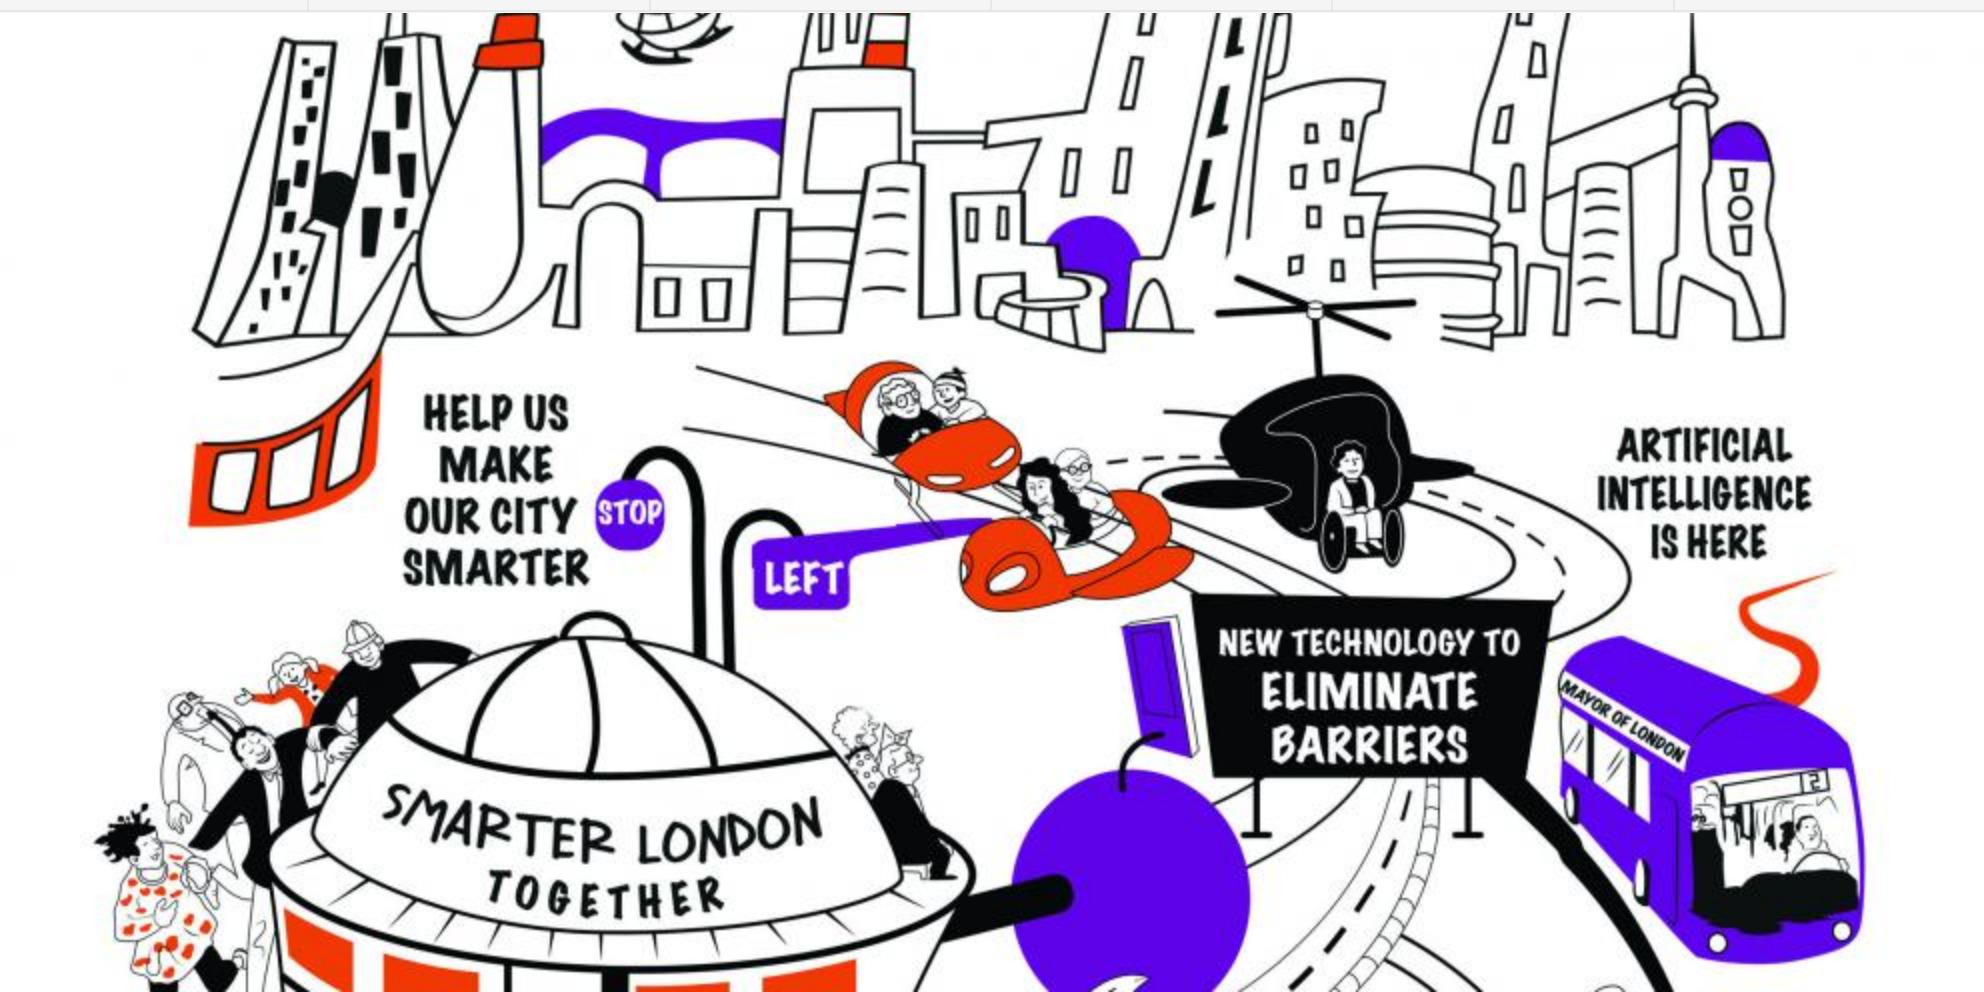 Screenshot-2018-6-13 Smarter London Together